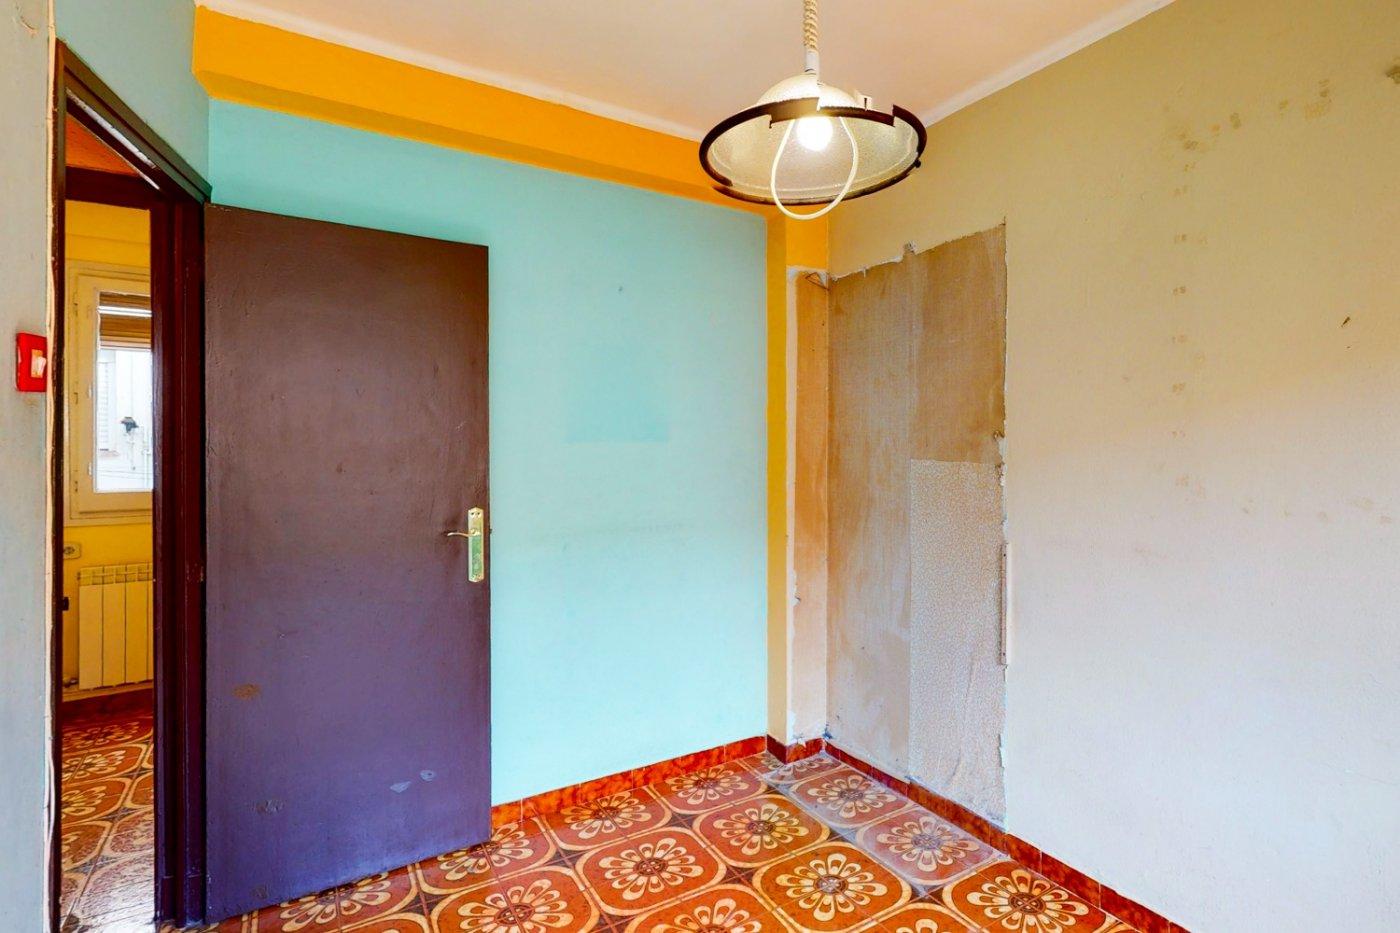 Piso a la venta en c/ lugo, exterior, de tres dormitorios, salon, cocina y baÑo. - imagenInmueble24